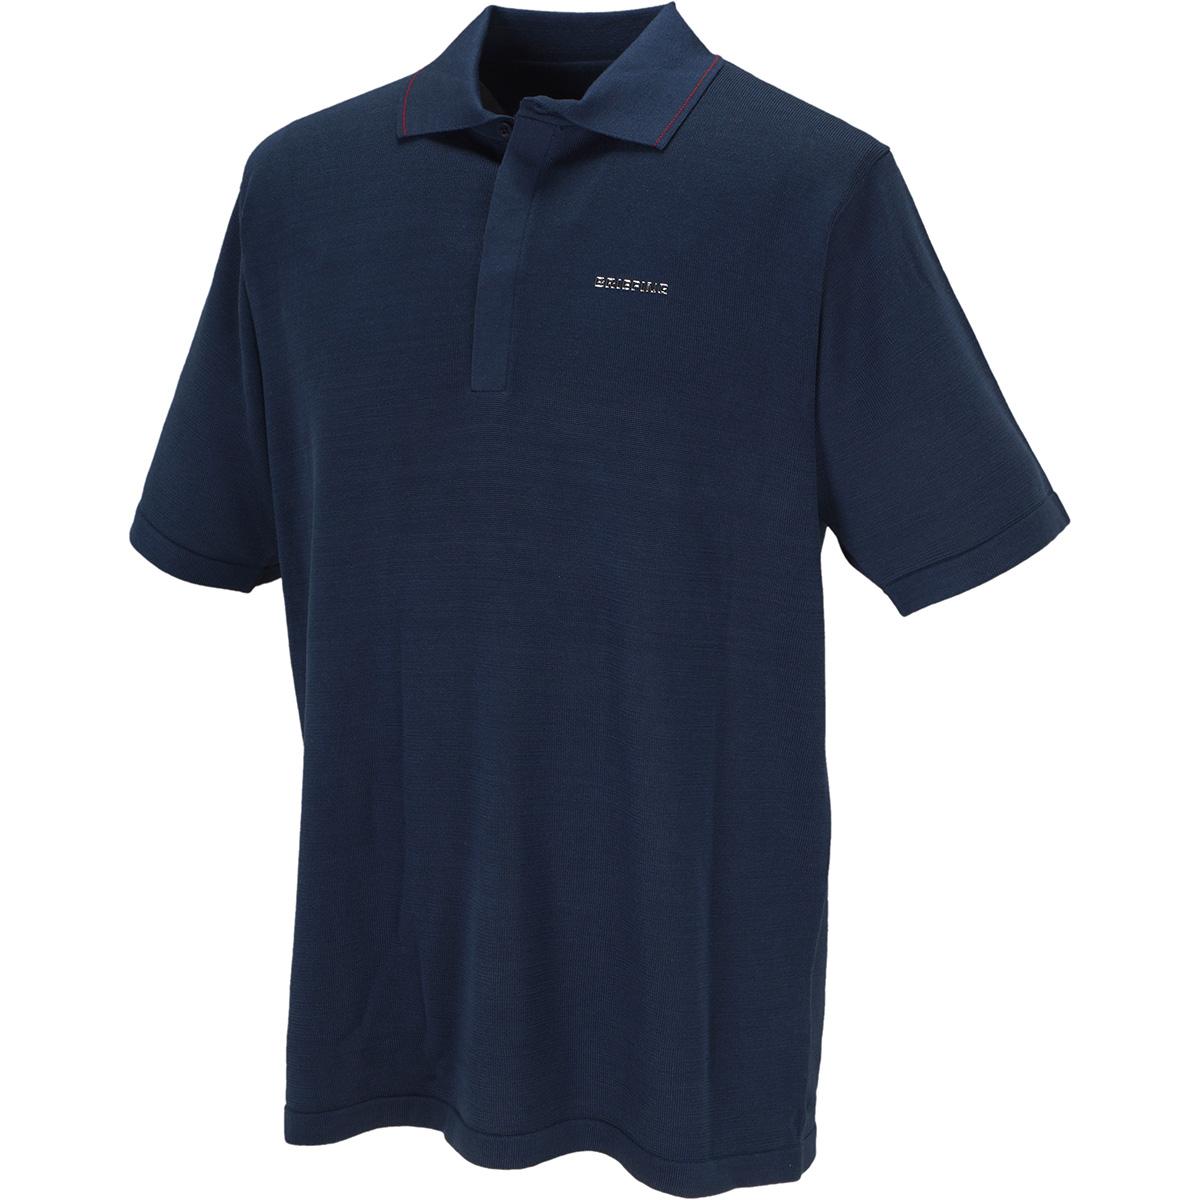 ウォッシャブルシルク 半袖ポロシャツ